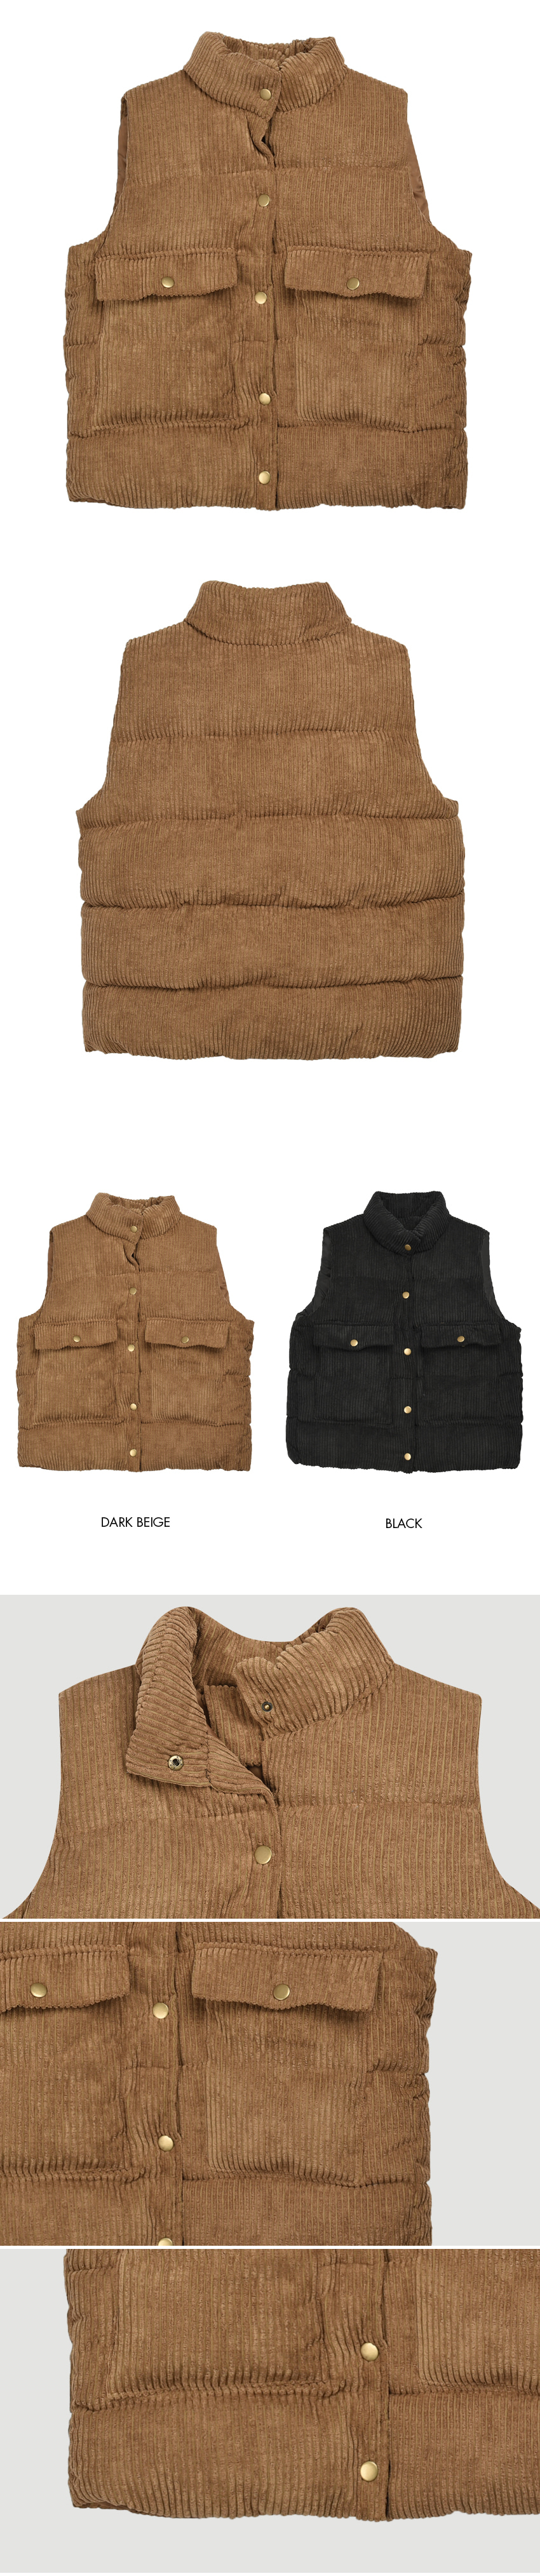 Corduroy Pocket Vest Padding